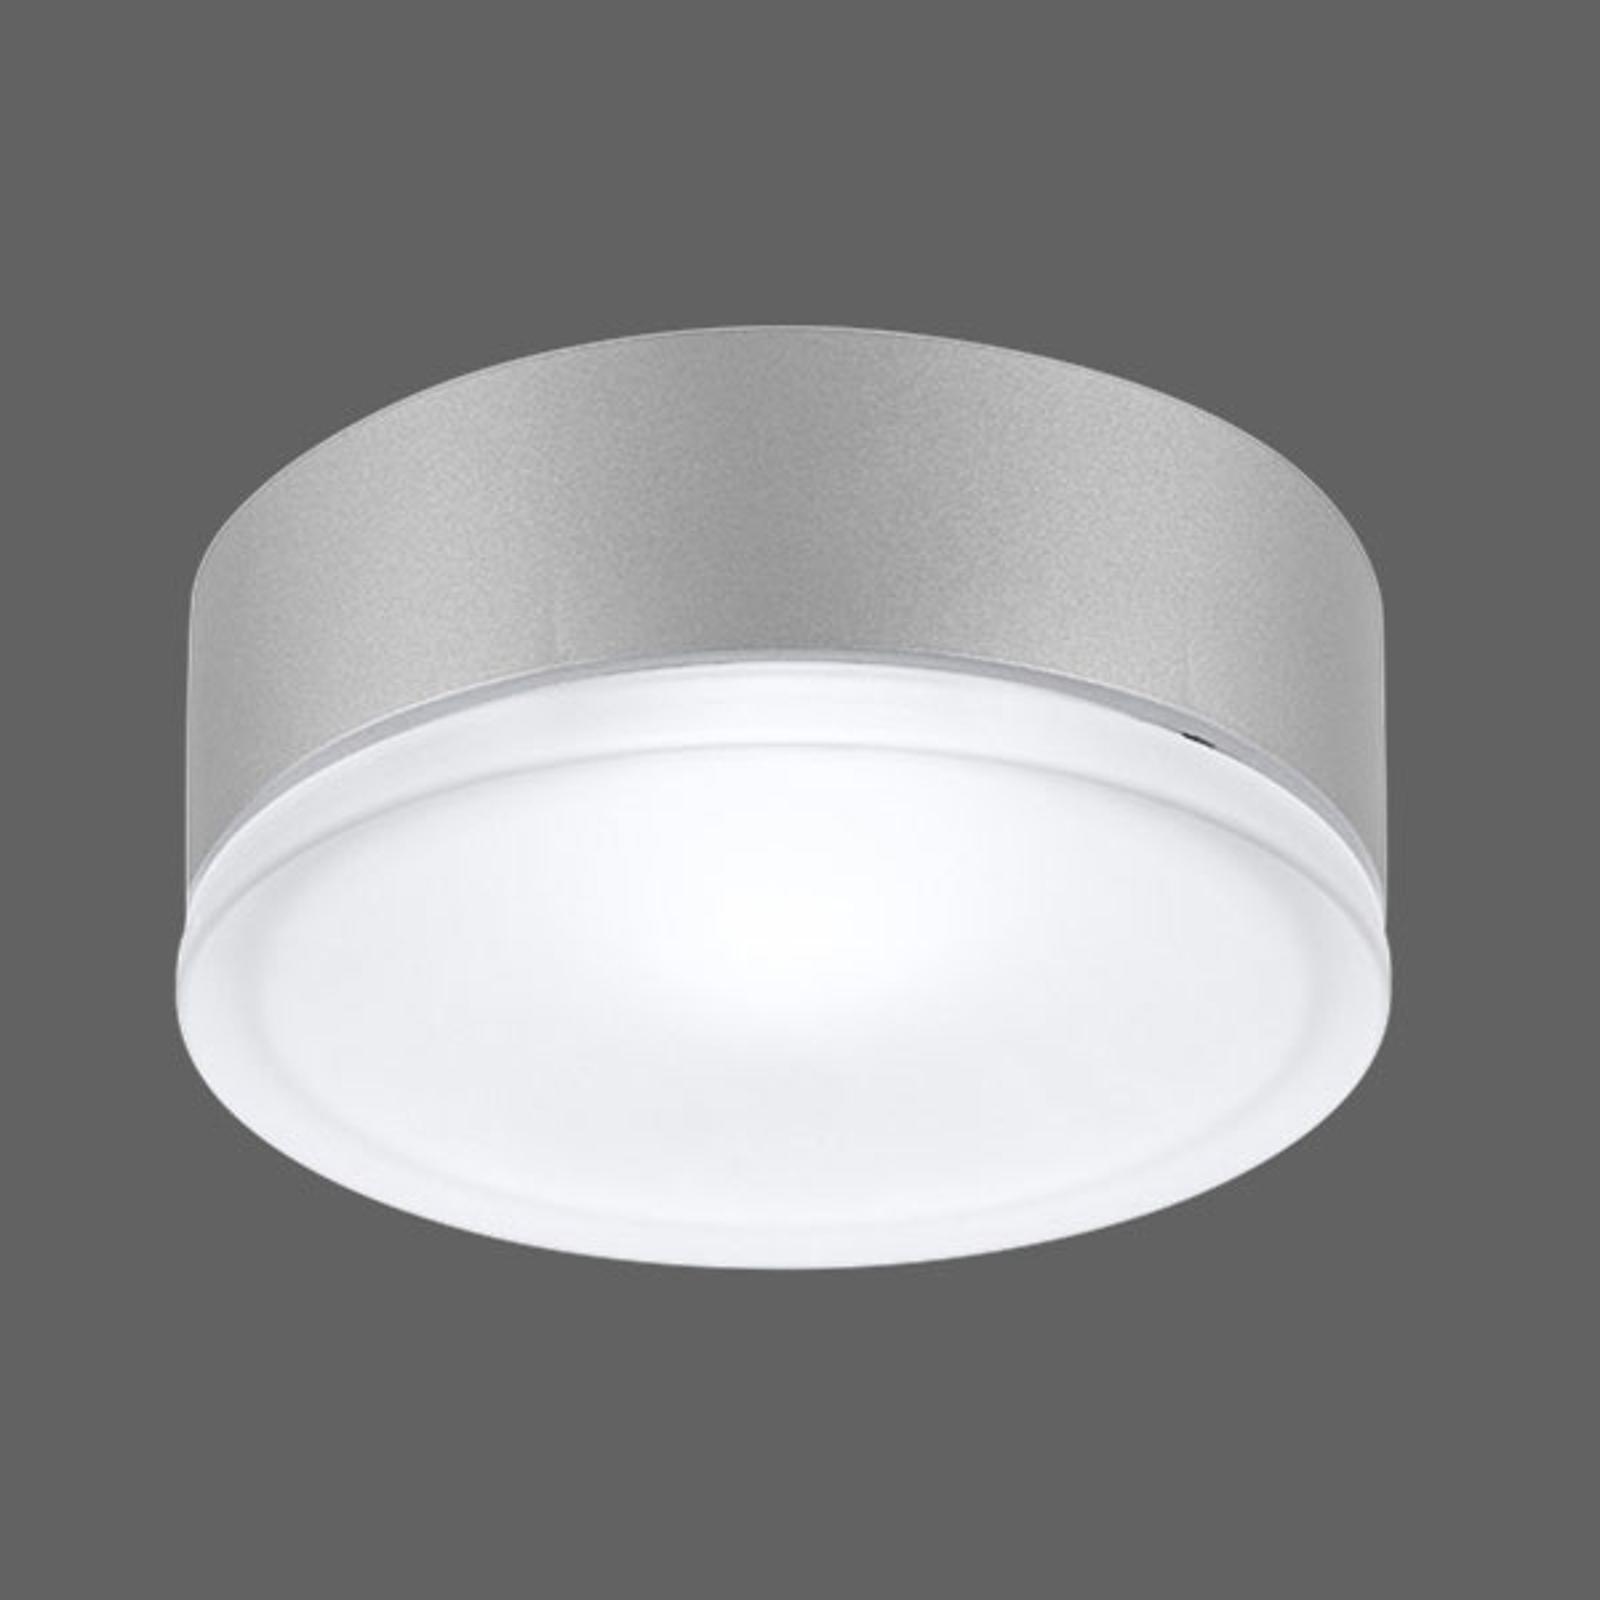 Drop 28 utendørs LED-vegglampe i grå 4000K